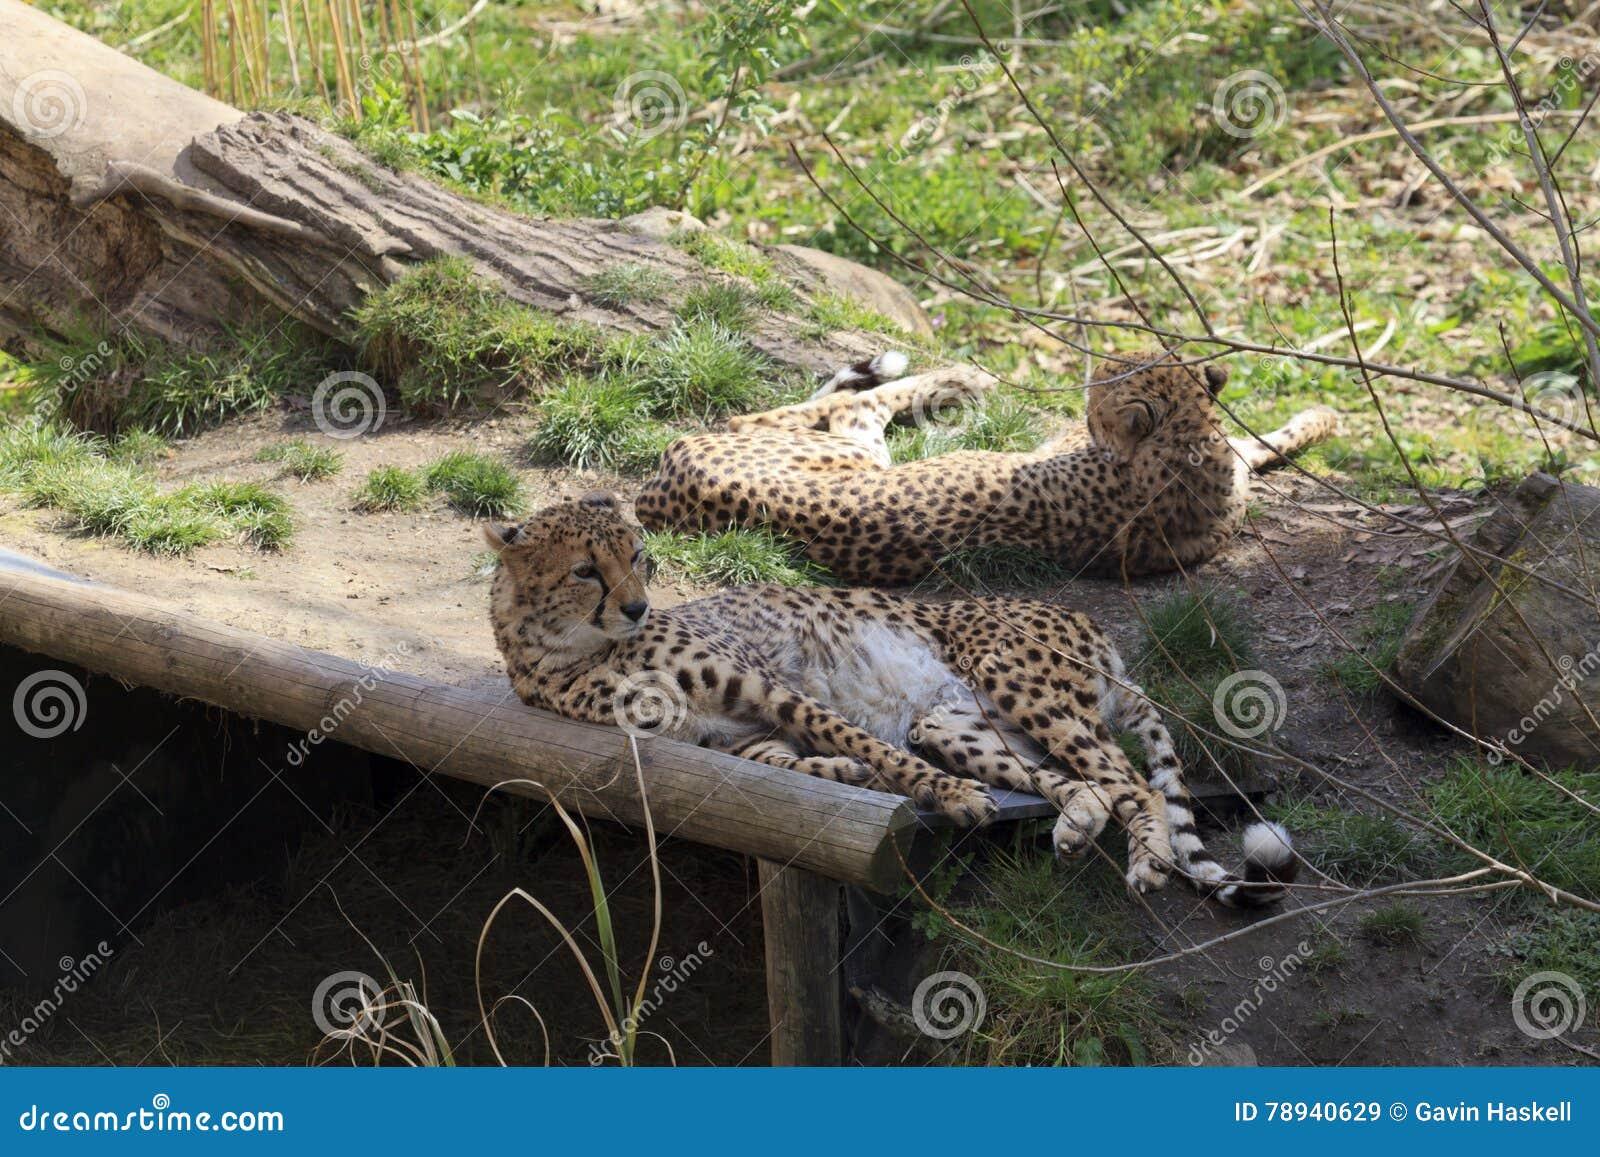 Sichernde Geparde